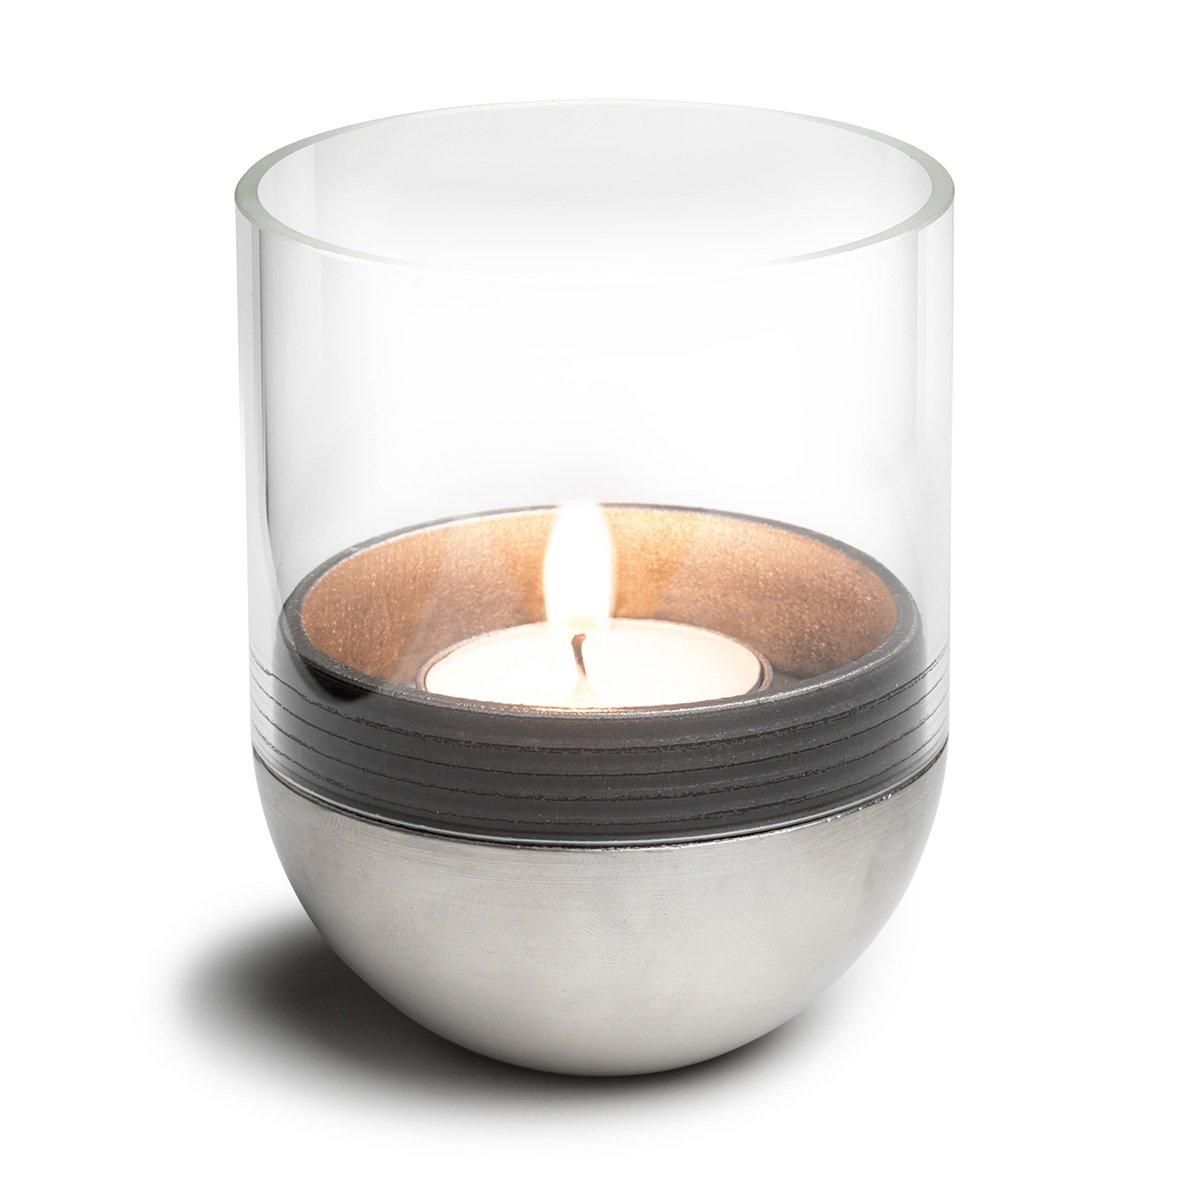 höfats - Gravity Candle M60 - Windlicht und Teelichthalter - hält Kerze waagerecht - Bequemes Anzünden und Erlöschen höfats GmbH 080101